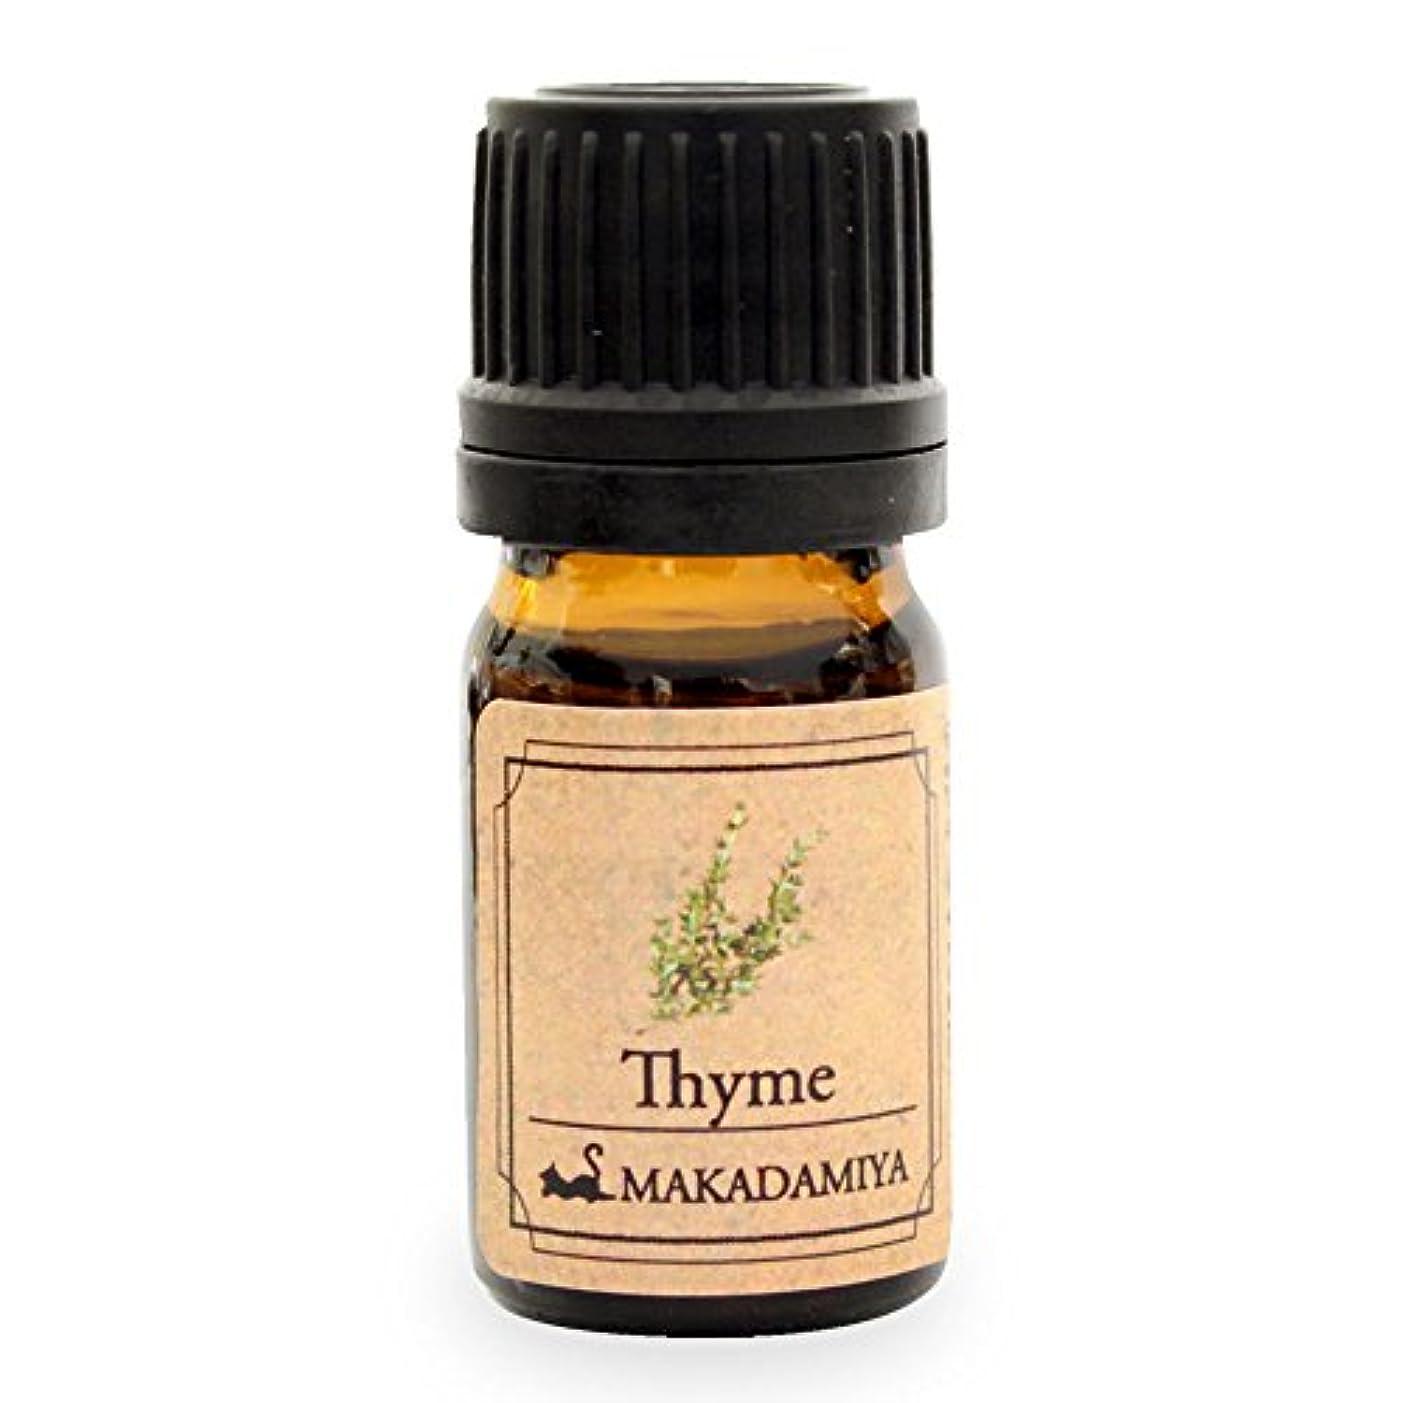 ヒゲクジラ太鼓腹プラスチックタイム5ml 天然100%植物性 エッセンシャルオイル(精油) アロマオイル aroma Thyme